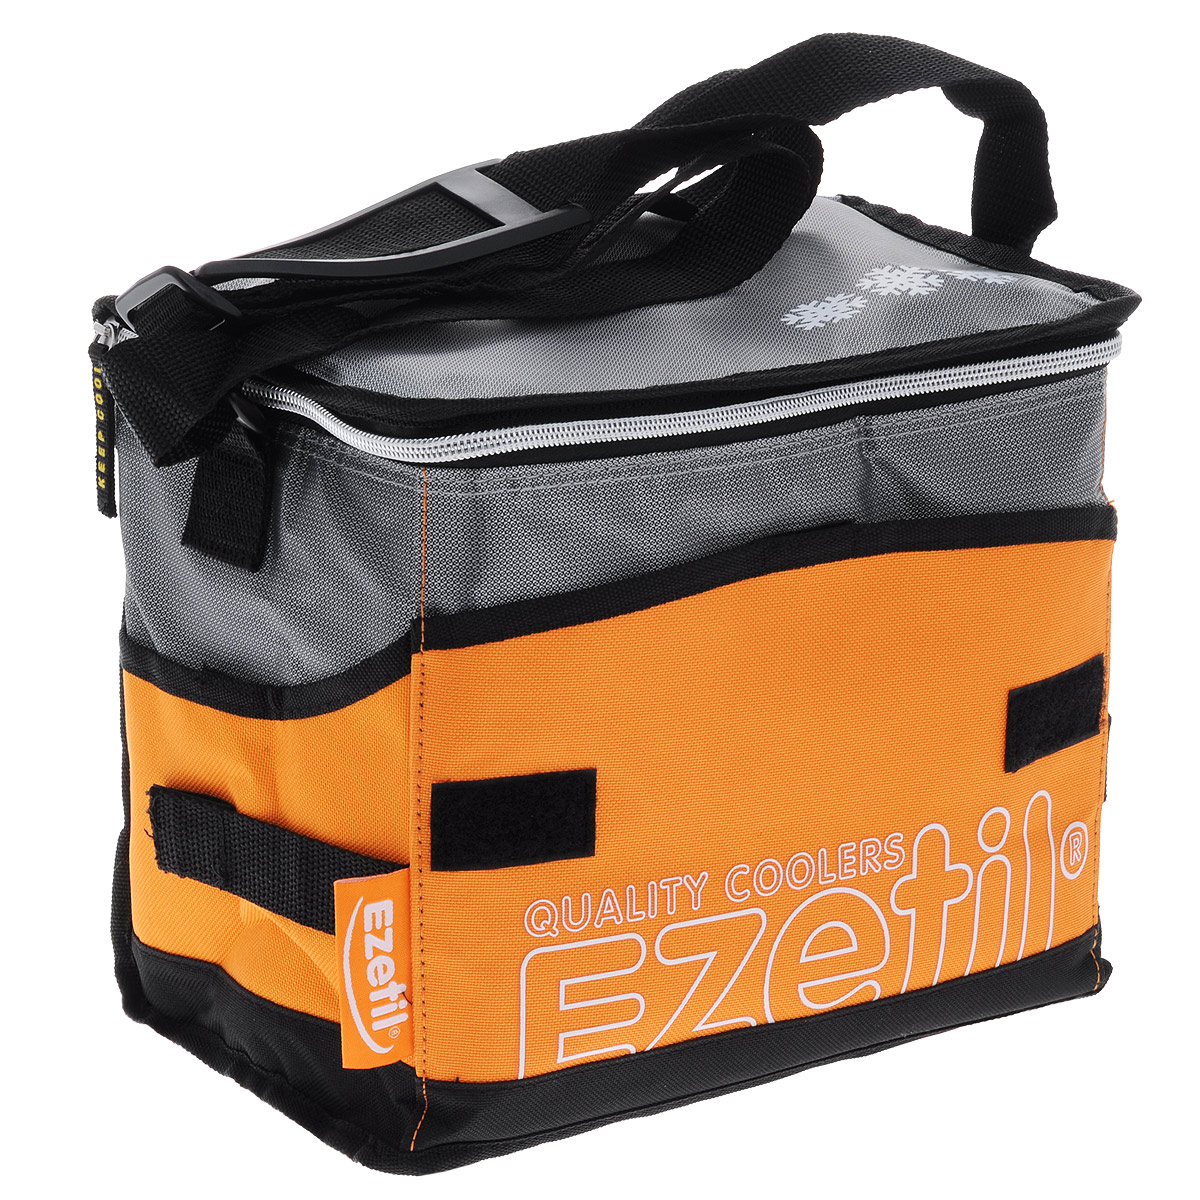 Сумка-холодильник Ezetil KC Extreme, цвет: оранжевый, 6 л аккумулятор холода ezetil ice akku g 430